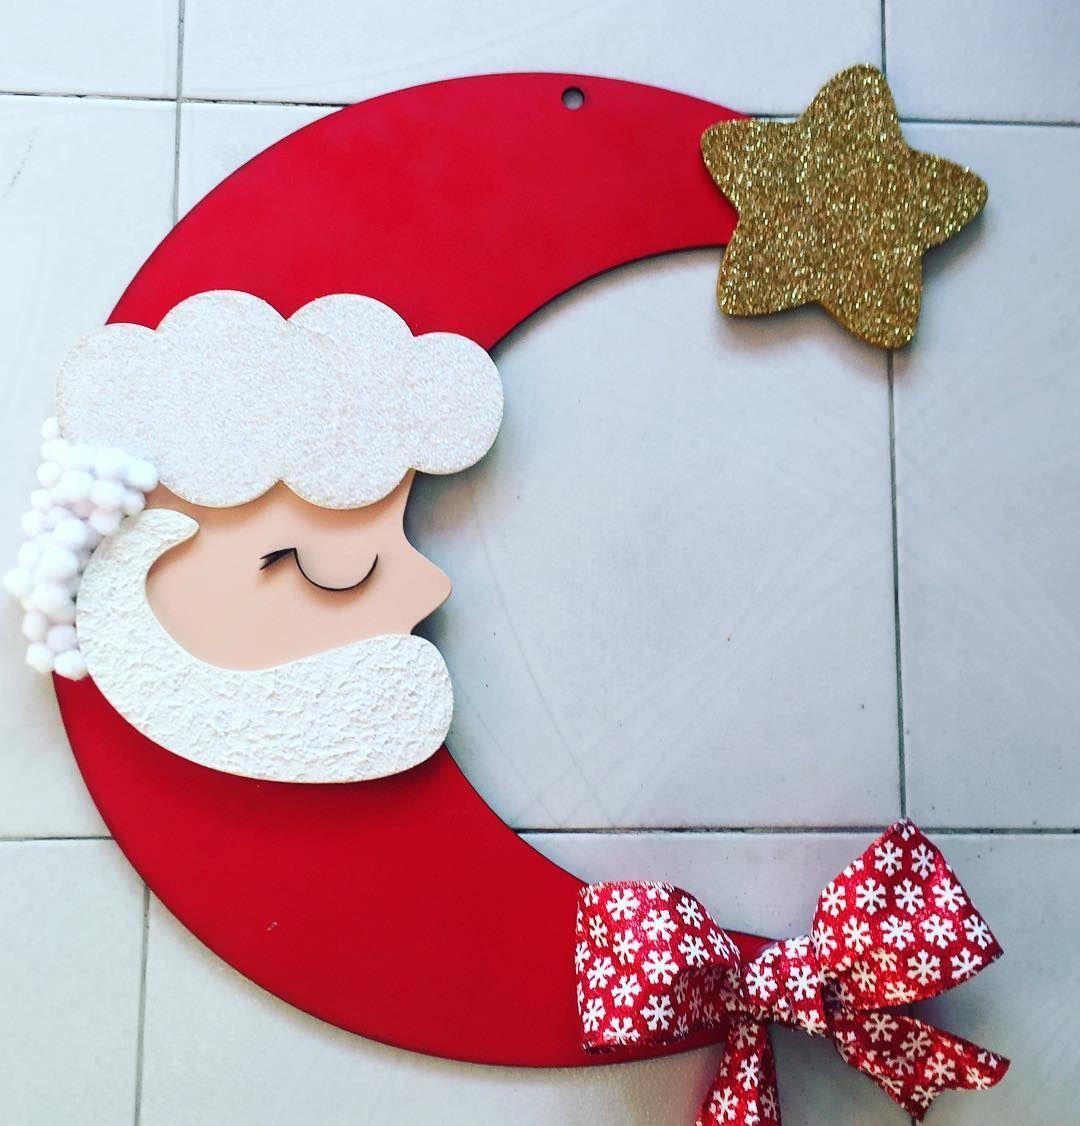 Adornos De Navidad Para Las Puertas Manualidades De Navidad Faciles Decoracion Navidena Reciclaje Decoracion Navidad Manualidades